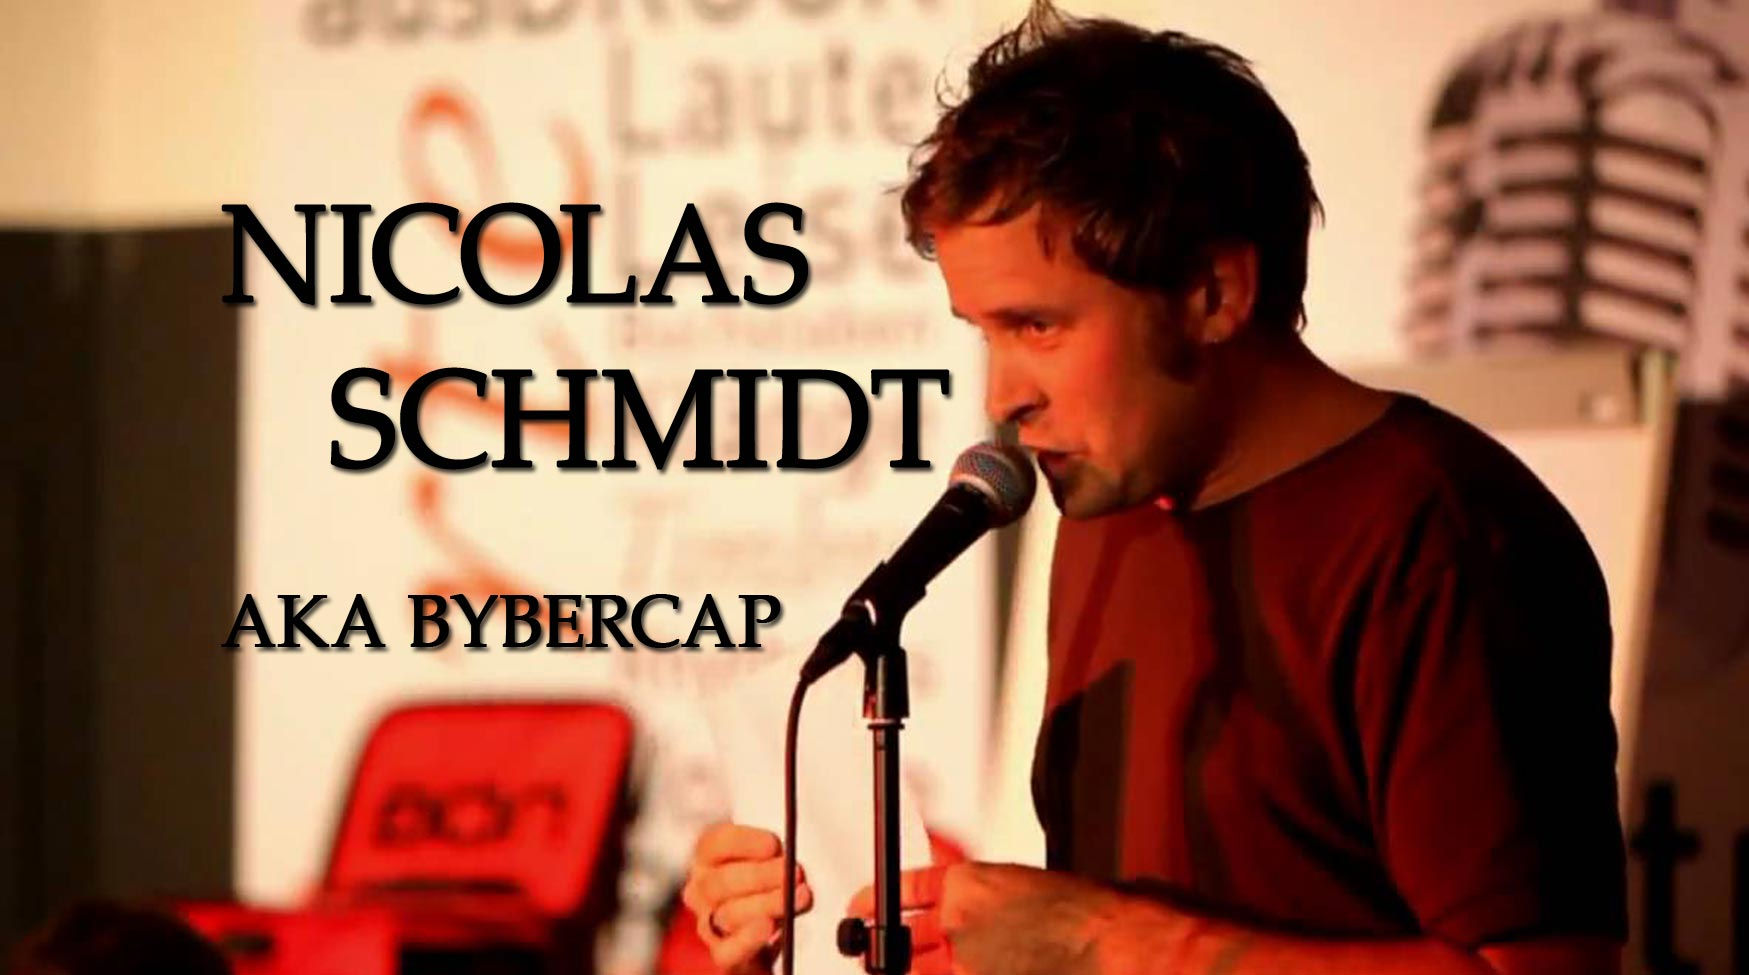 Slam Kabarett: Nicolas Schmidt aka Bybercap